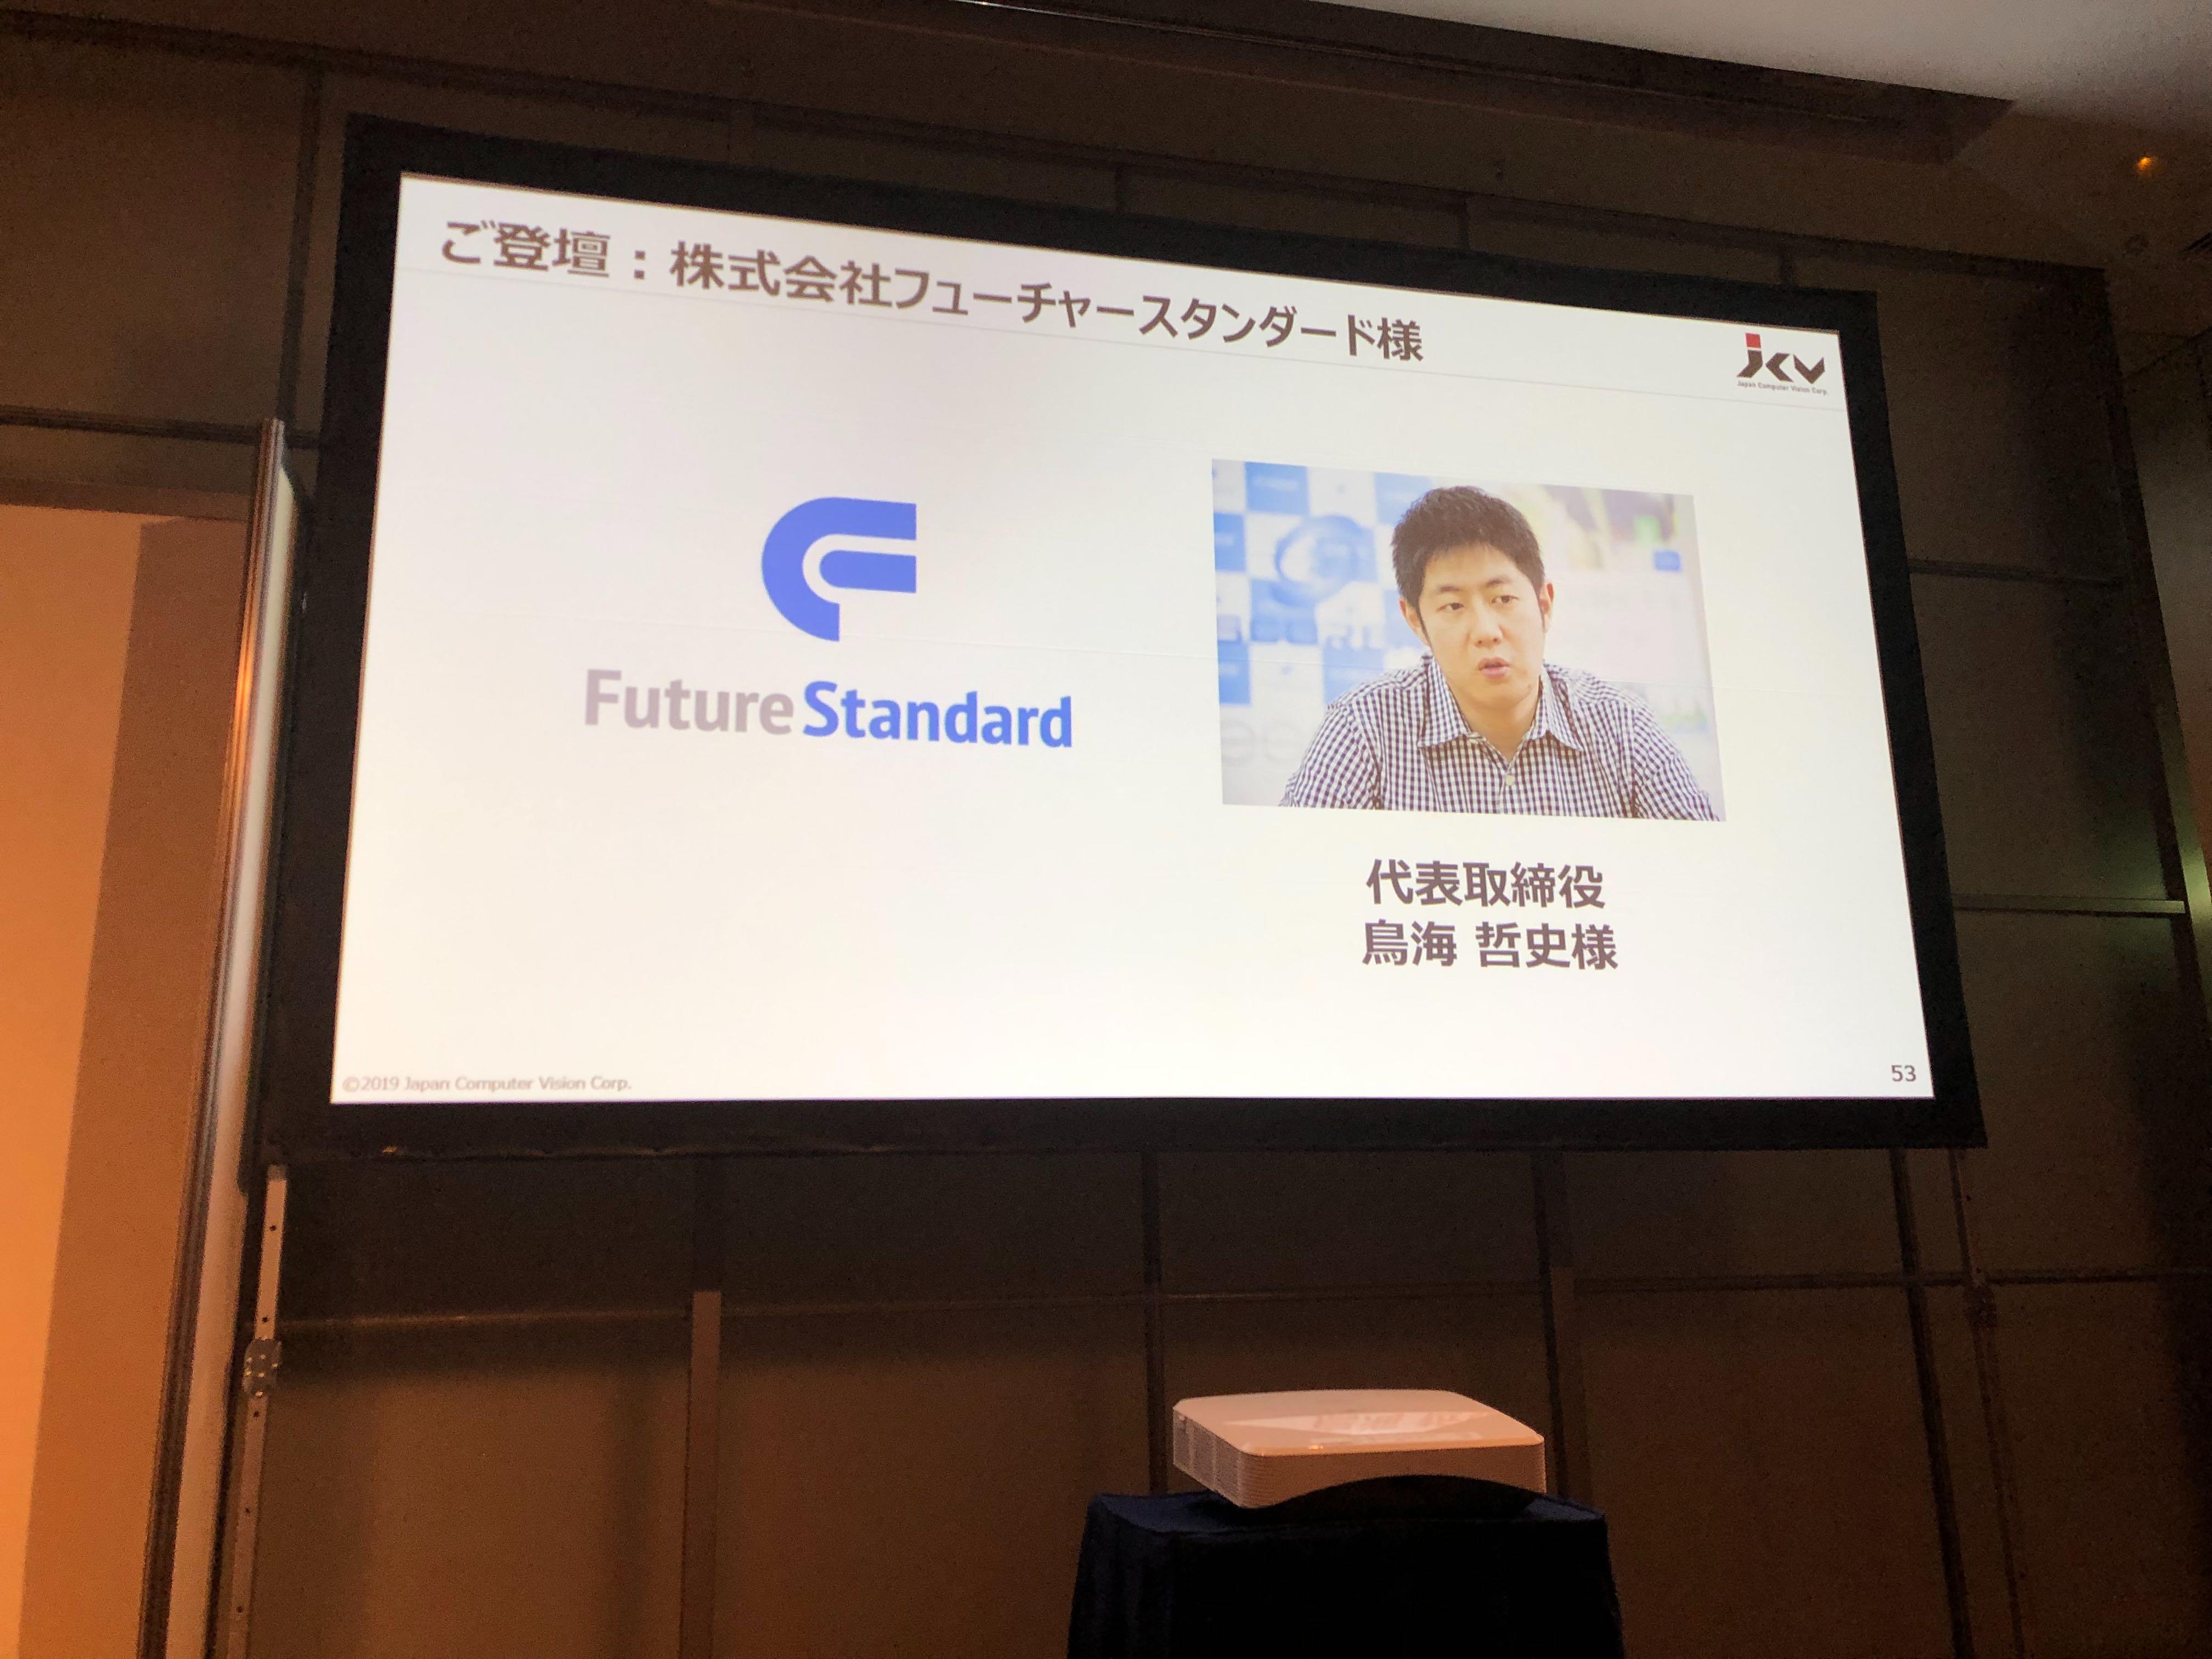 日本 コンピュータ ビジョン 株式 会社